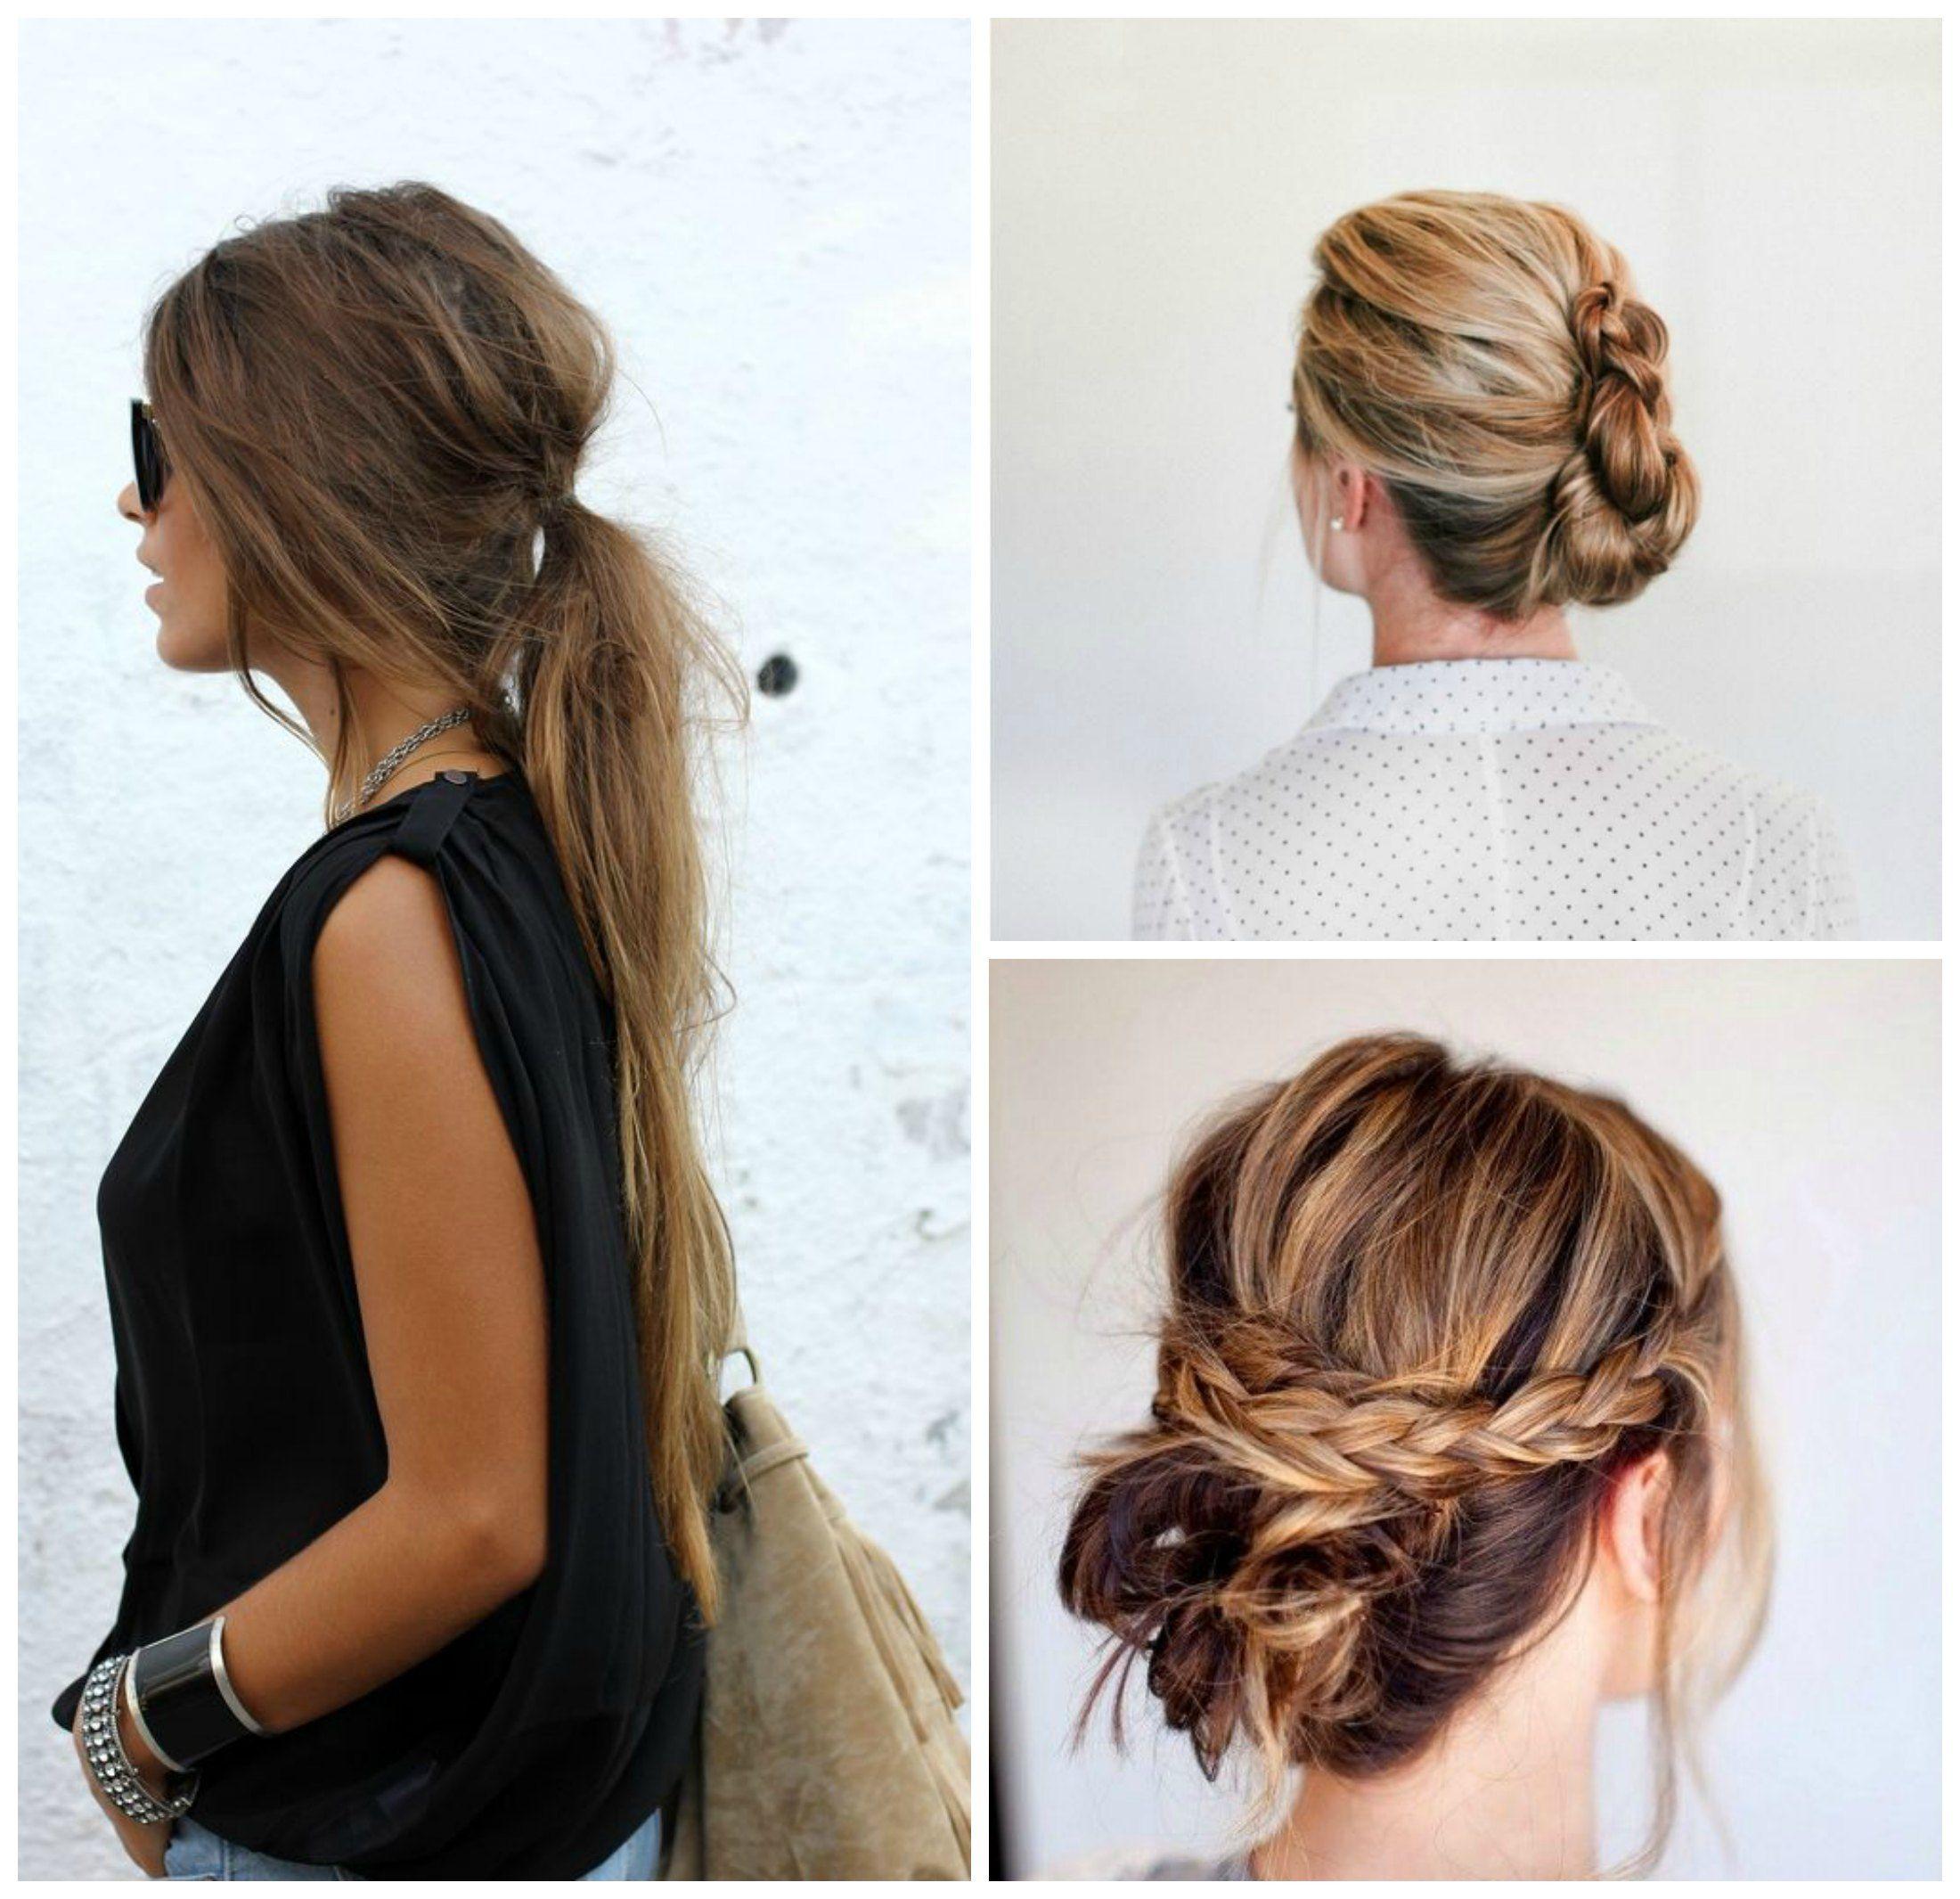 Las mejores fotos de peinados que son rapidos y faciles - Ideas para peinados faciles ...